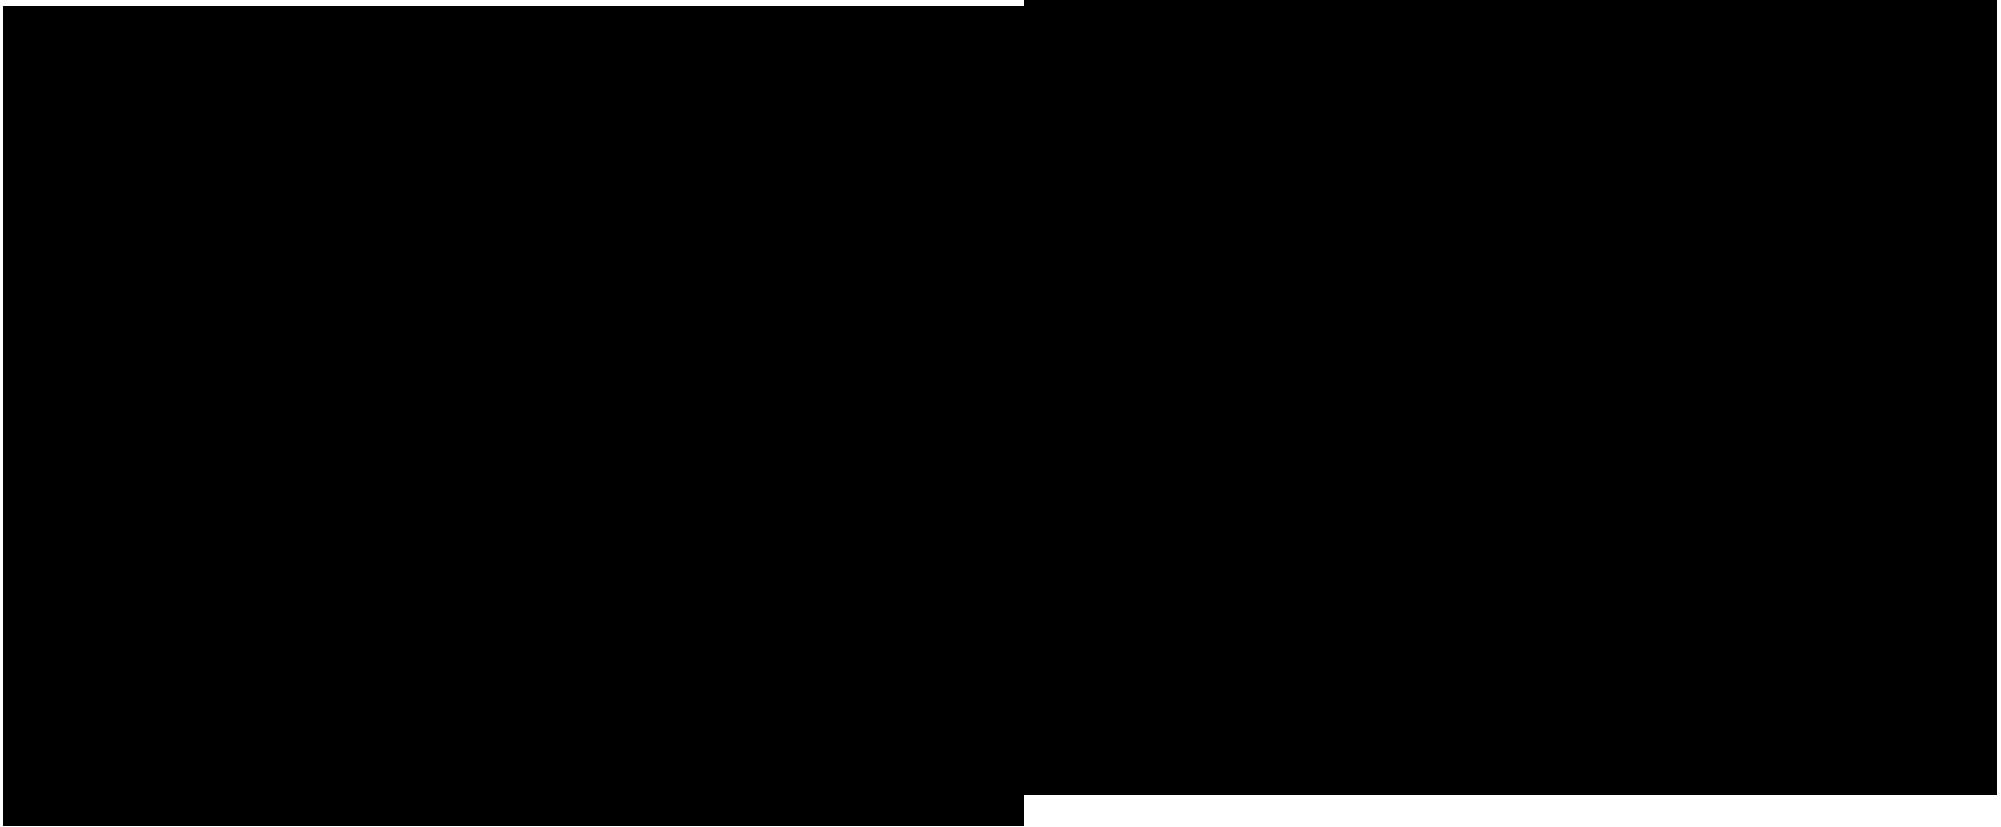 株式会社ディー・エヌ・エー様ロゴ